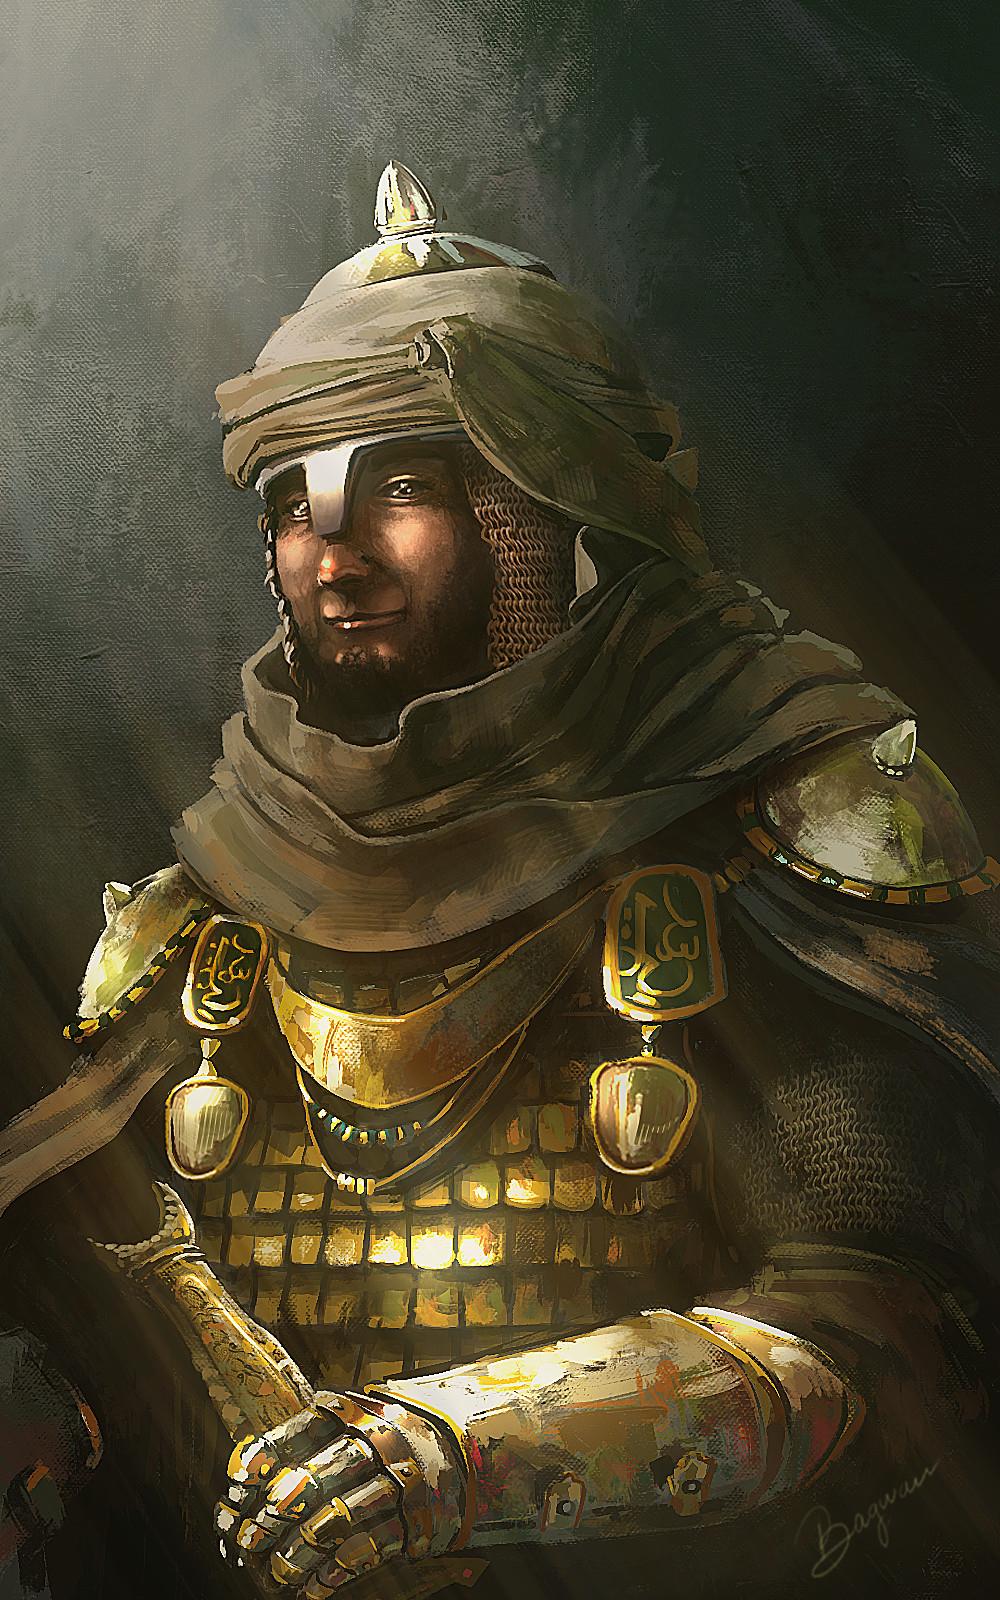 Nicolas chacin muslimcruzader